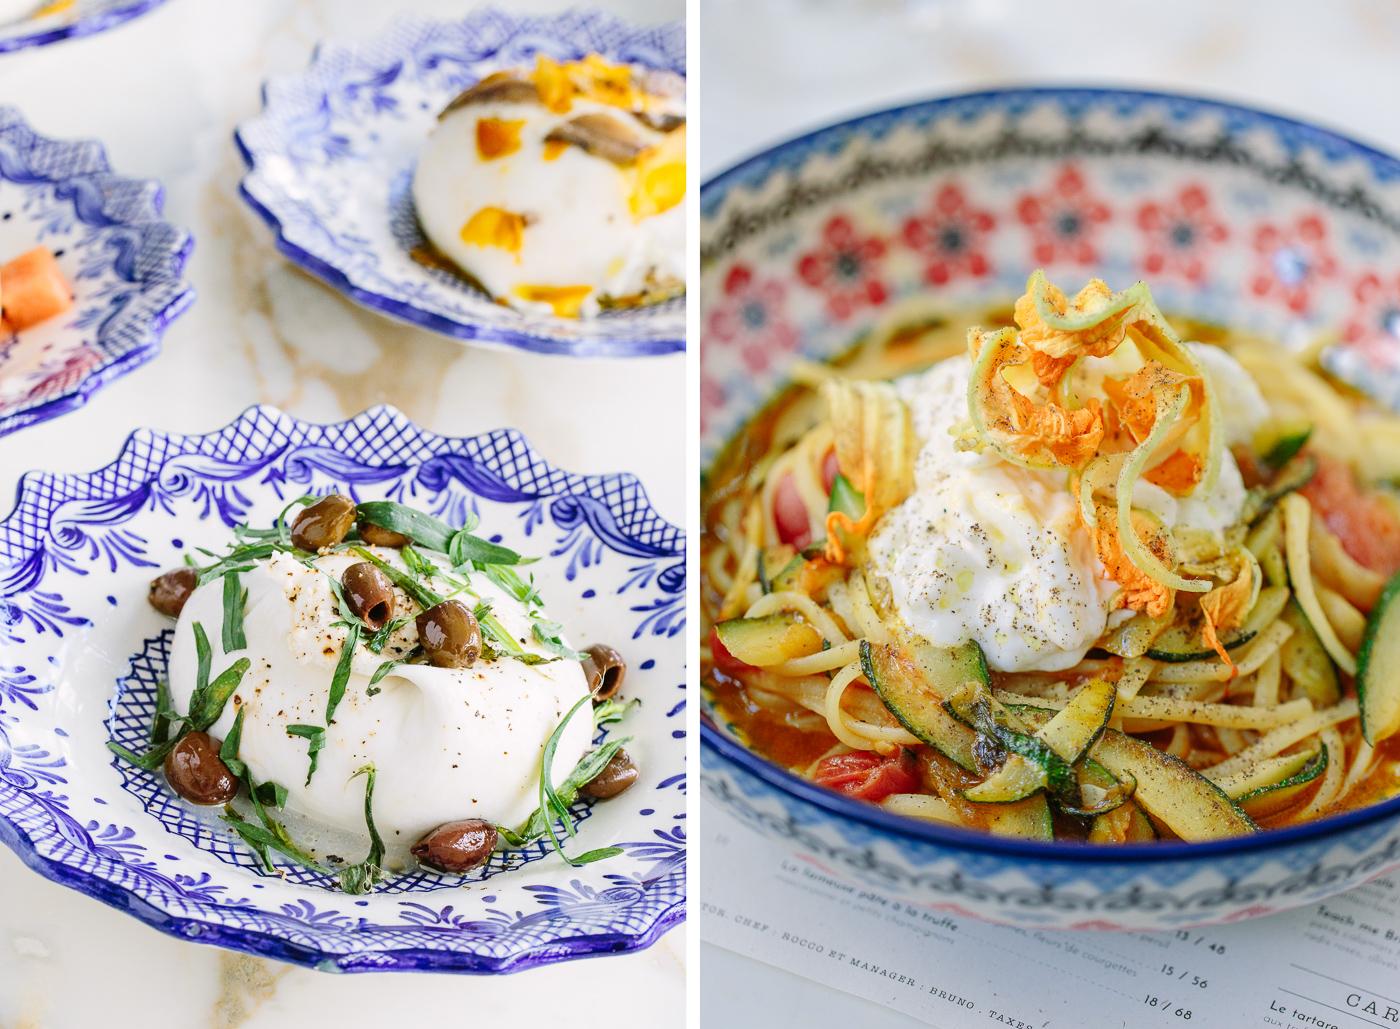 Burrata et pâtes du groupe Big Mamma dans des assiettes italiennes traditionnelles